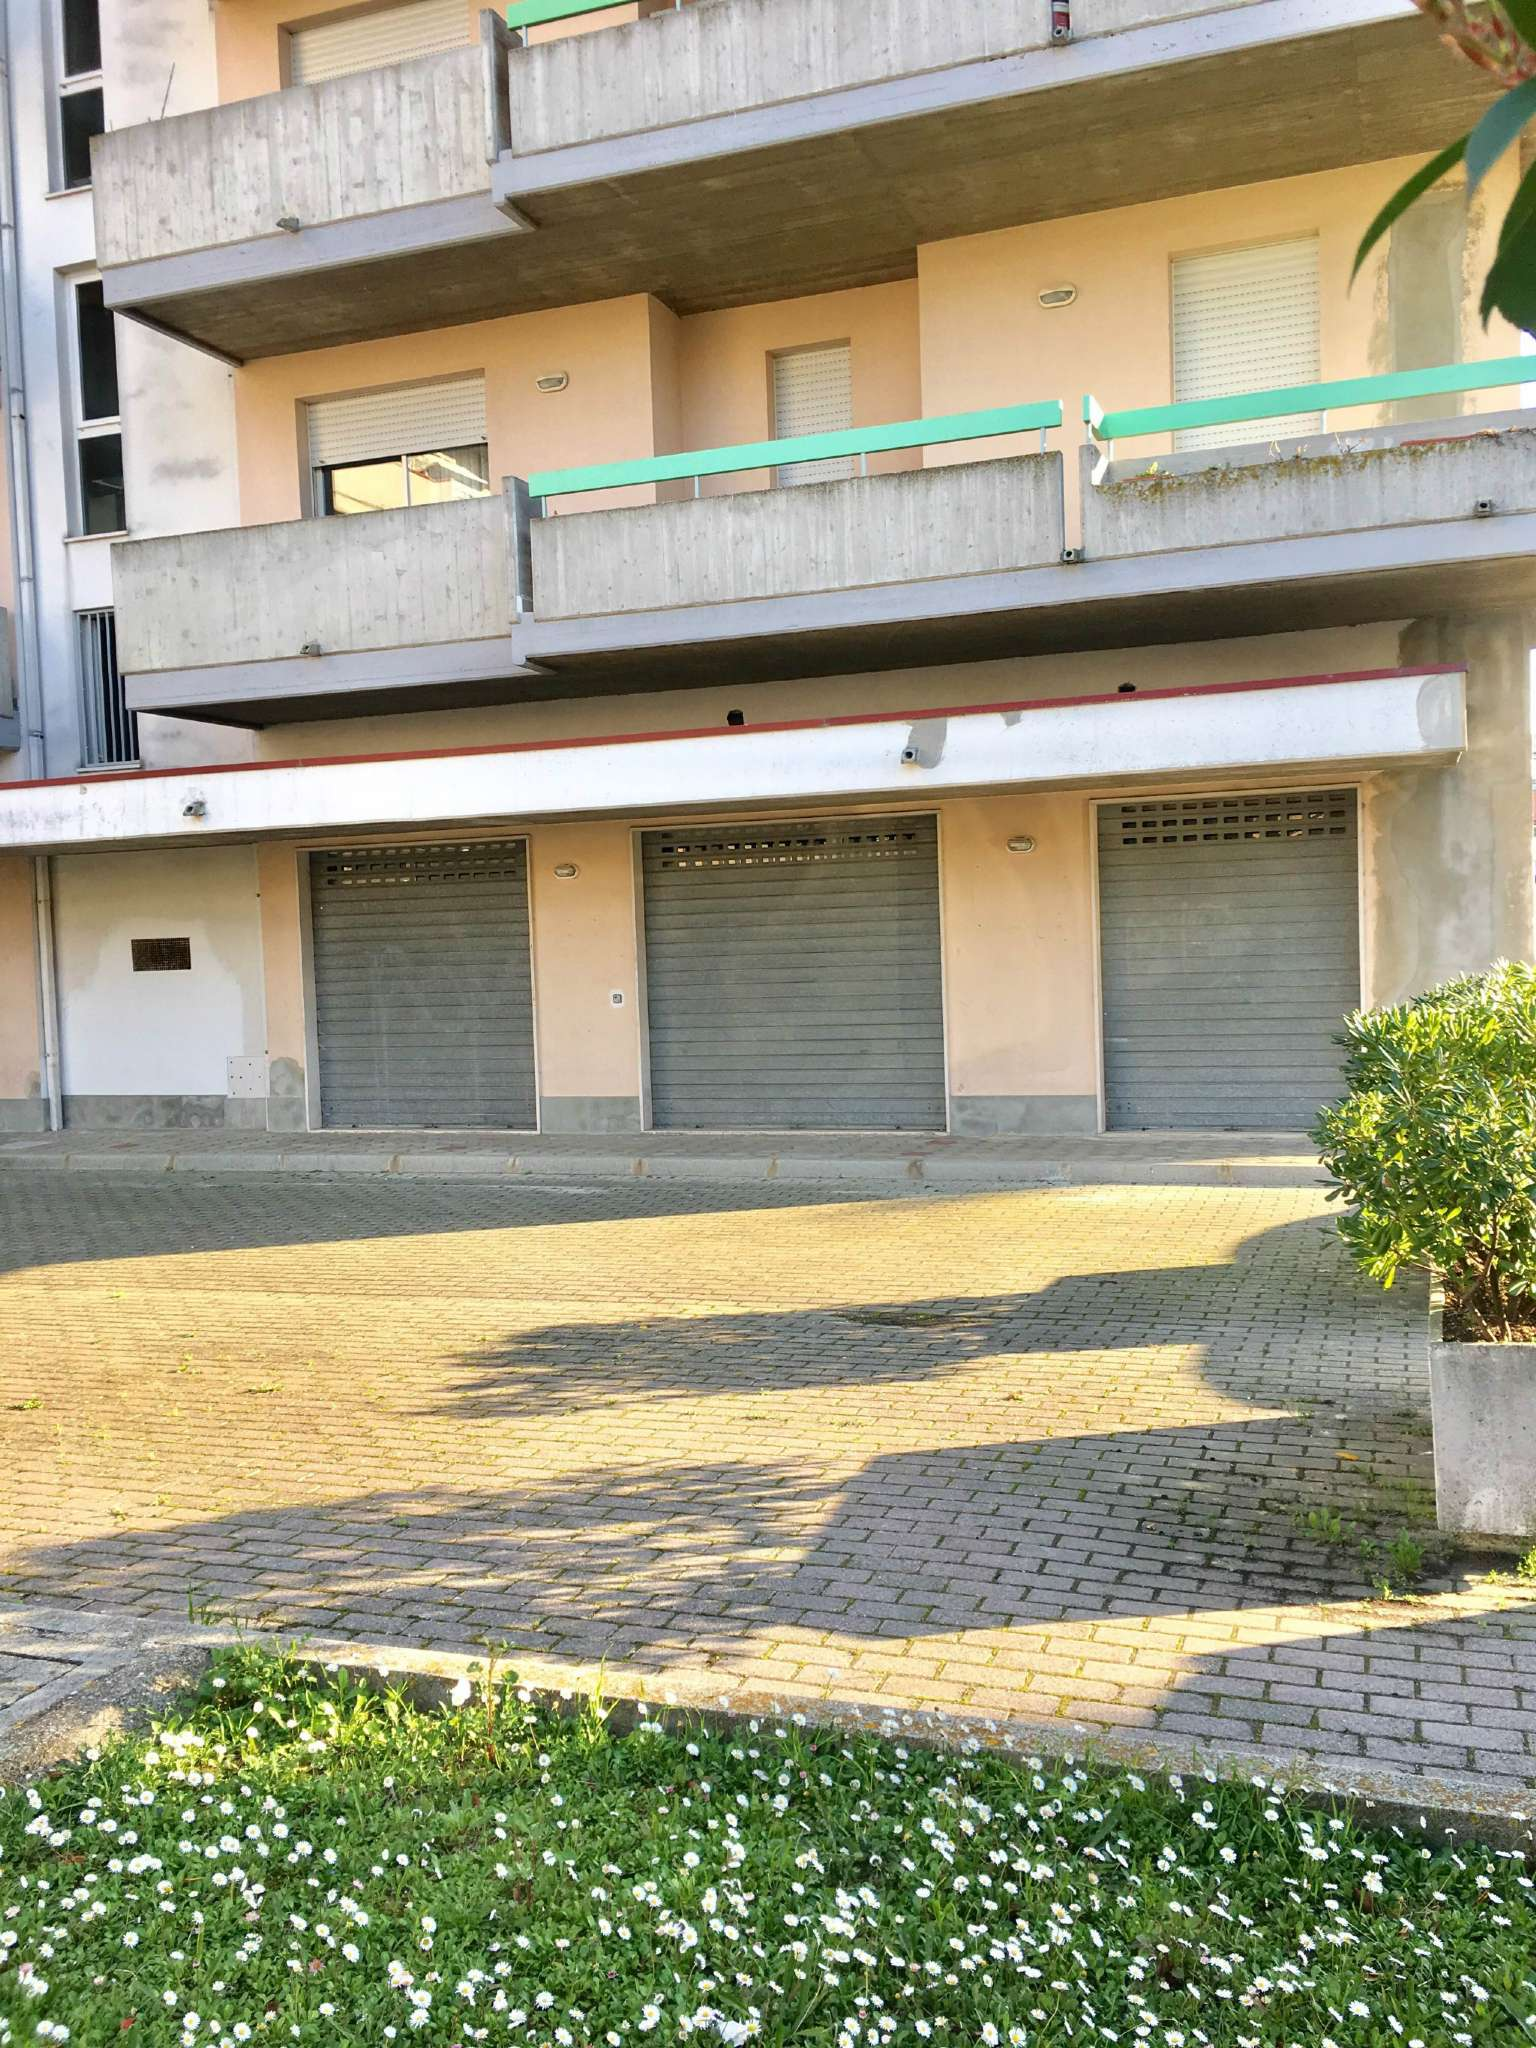 Immobili commerciali in affitto a montesilvano for Immobili commerciali affitto roma